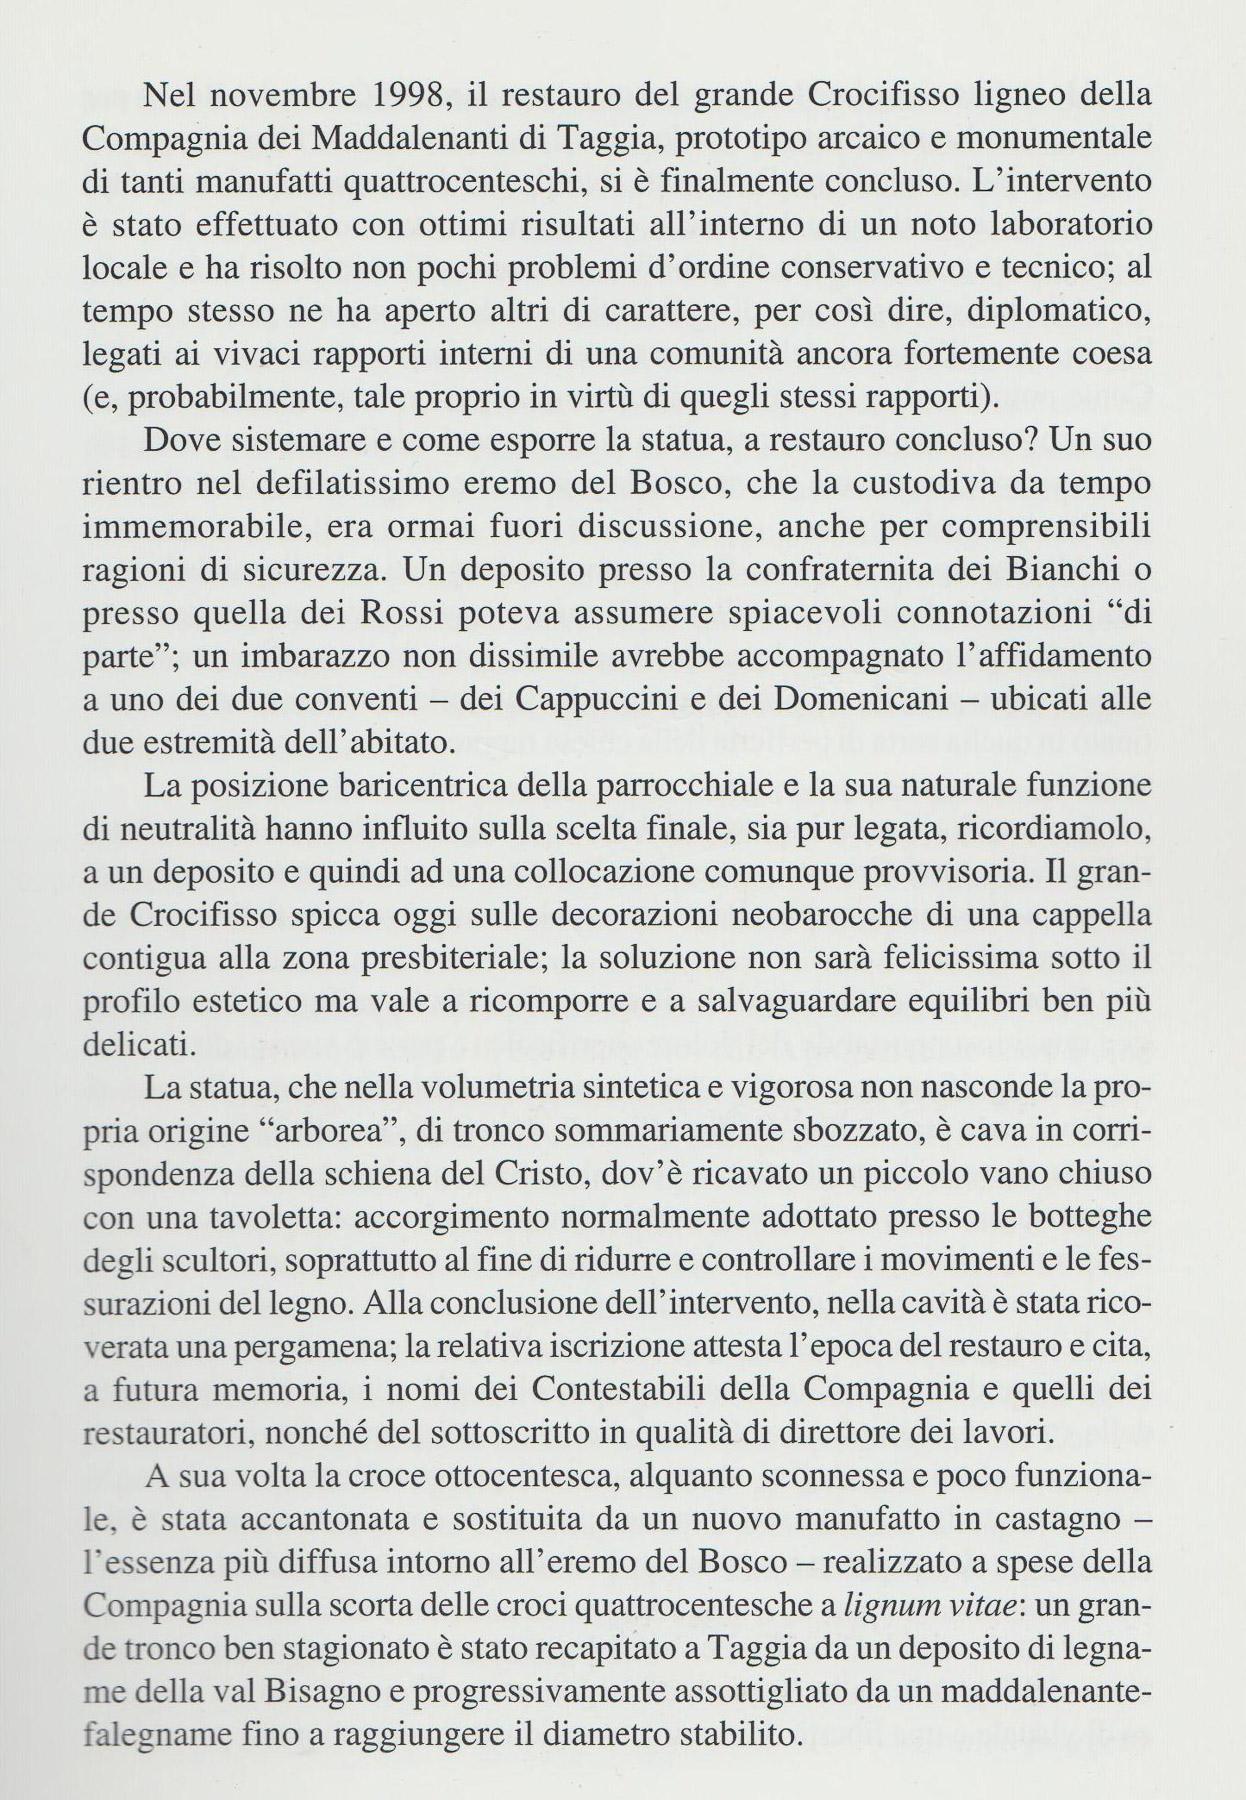 Il Bosco - Franco Boggero - Storico dell'Arte e Cantautore